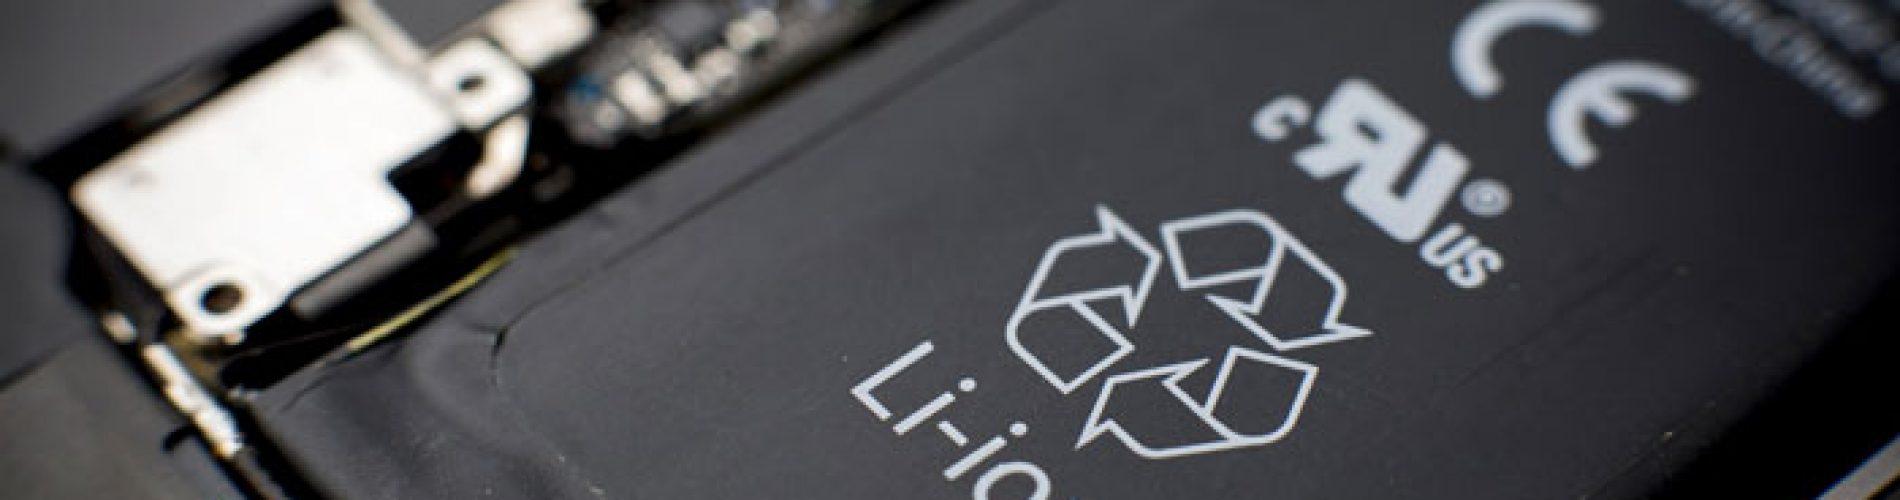 Baterías para móvil: 9 trucos rápidos para ralentizar su descarga (mientras llega Li-Metal)